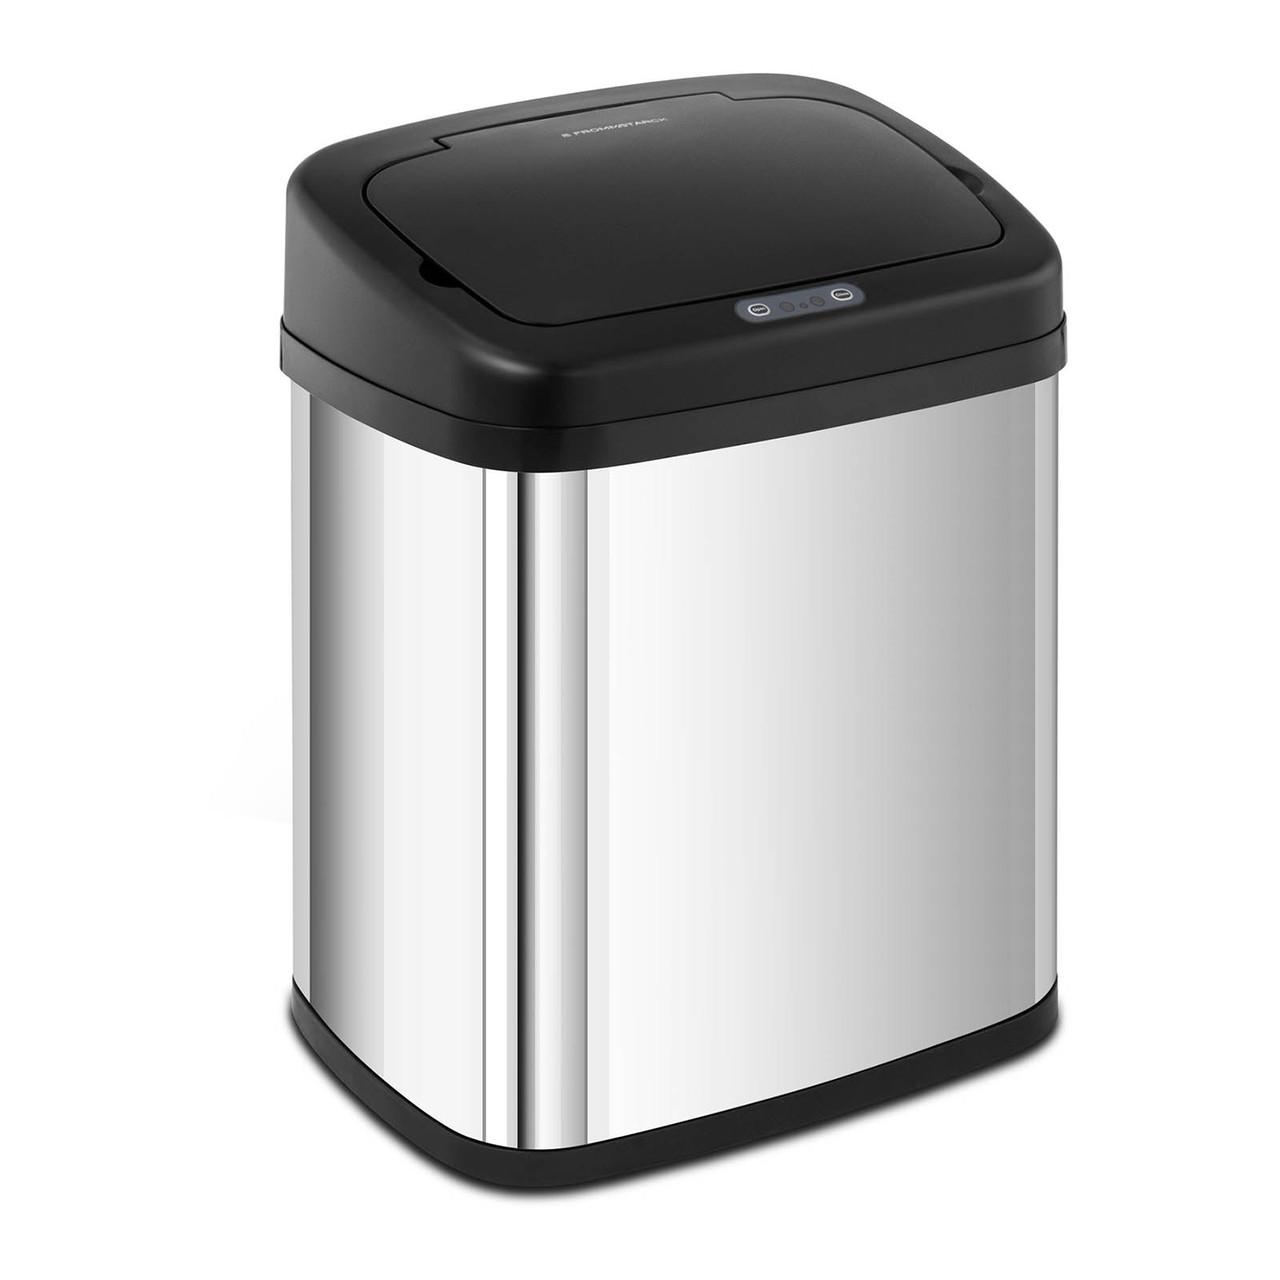 Автоматичний сміттєвий бак - 20 л - прямокутний Fromm & Starck